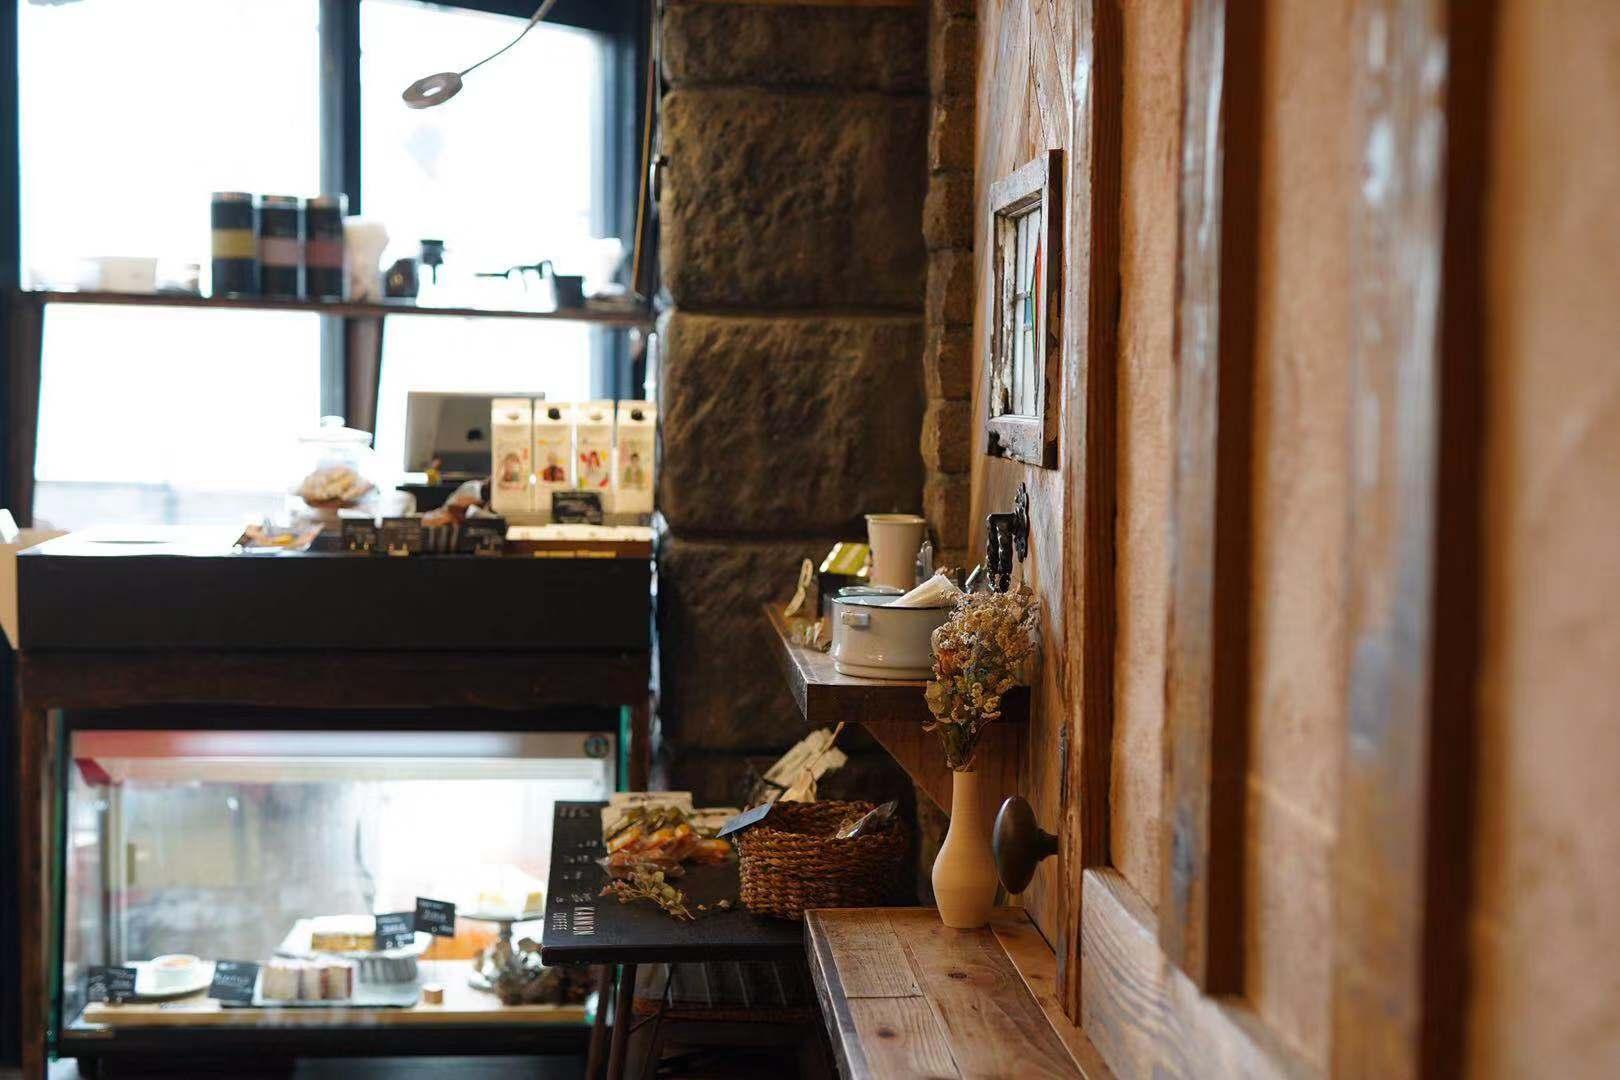 「カンノンコーヒー本山」でほっと安らぐひと時を。スコーン食べ放題のモーニングもスタート! - kannon motoyama1